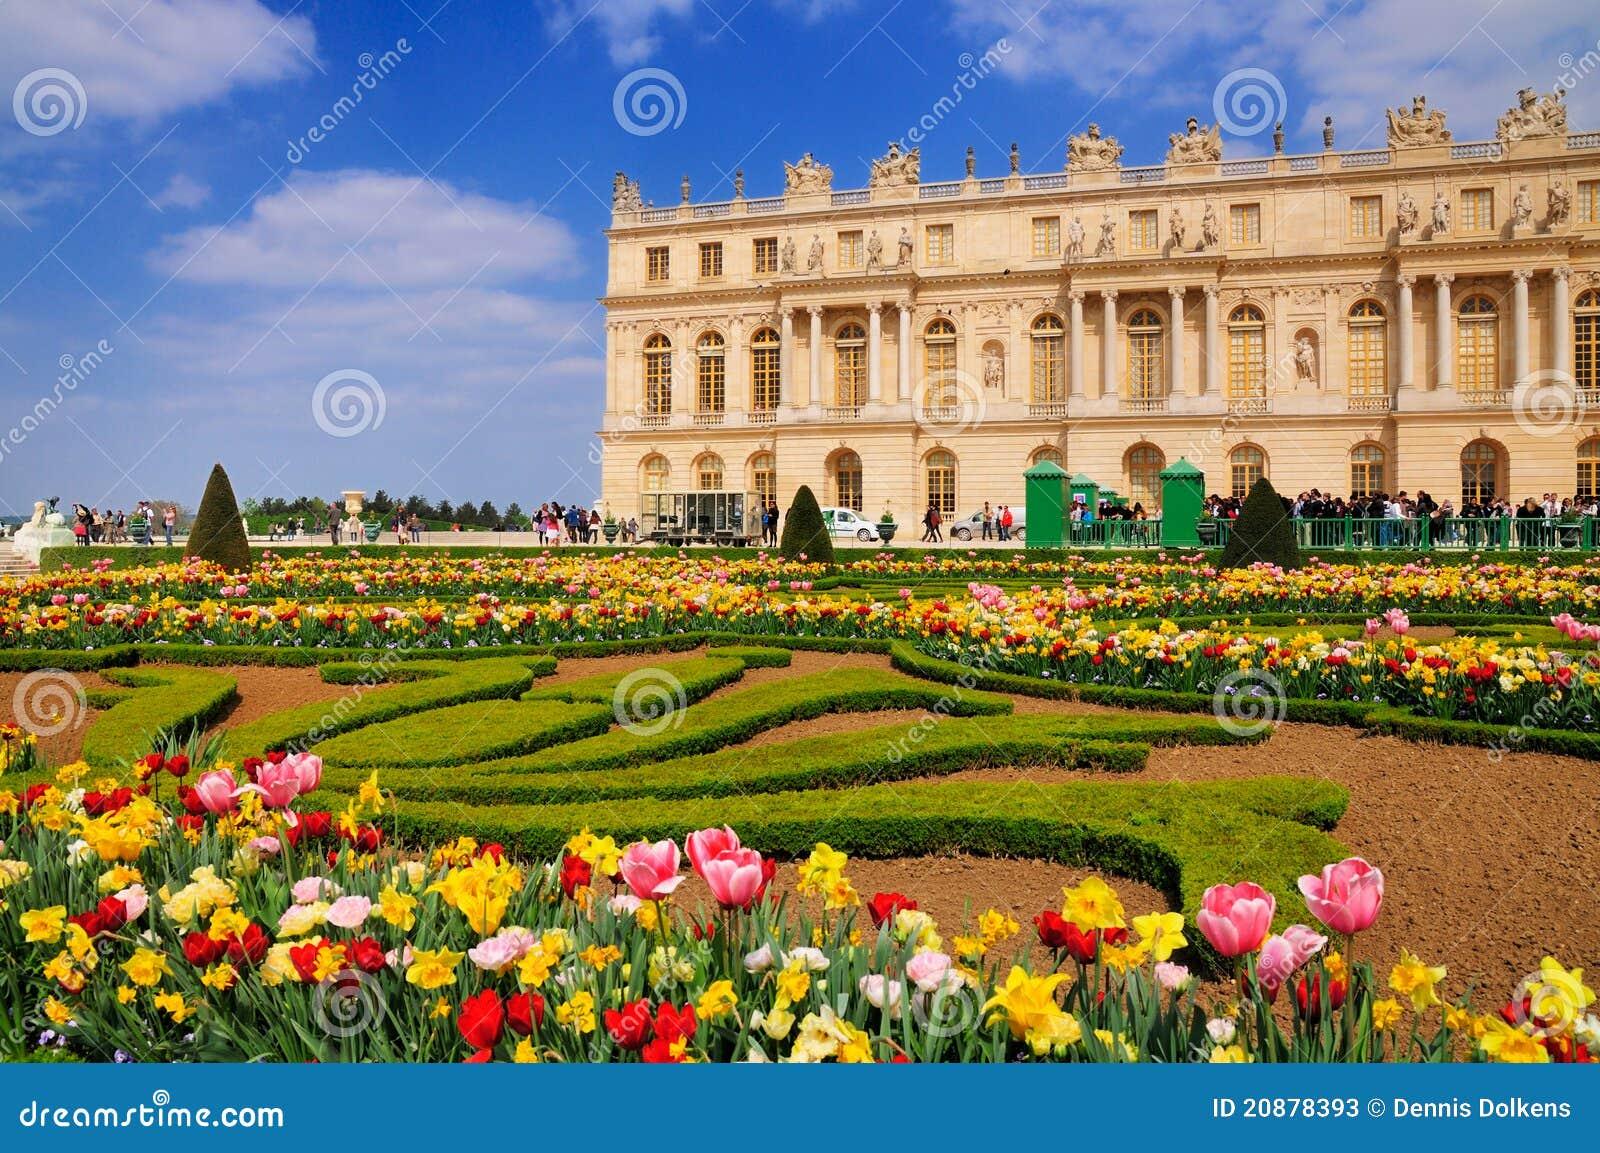 Tuin van versailles redactionele stock foto afbeelding 20878393 - Tuin van de tuin ...